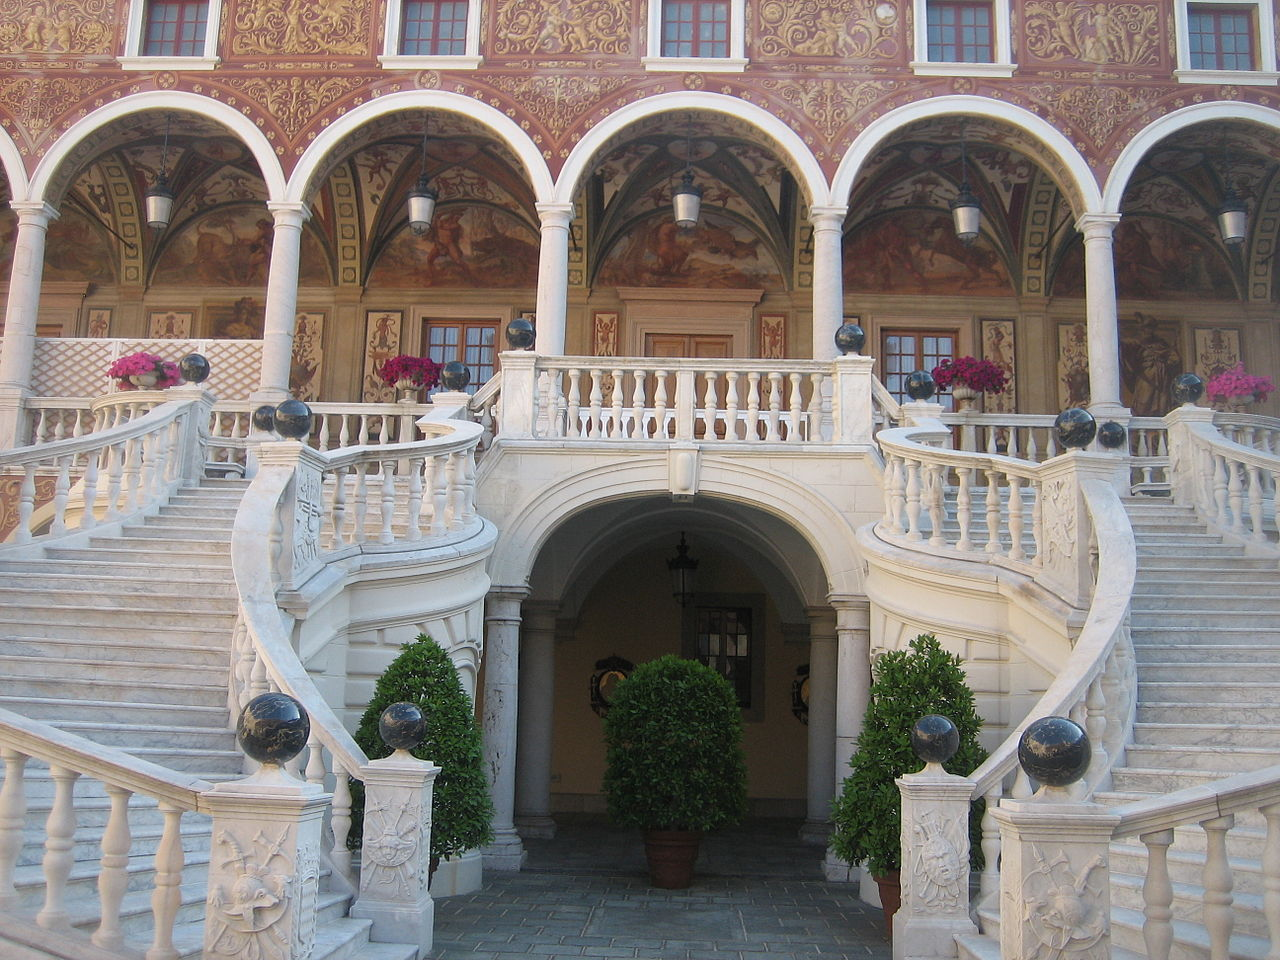 Княжеский дворец в Монако, лестница во внутреннем дворе